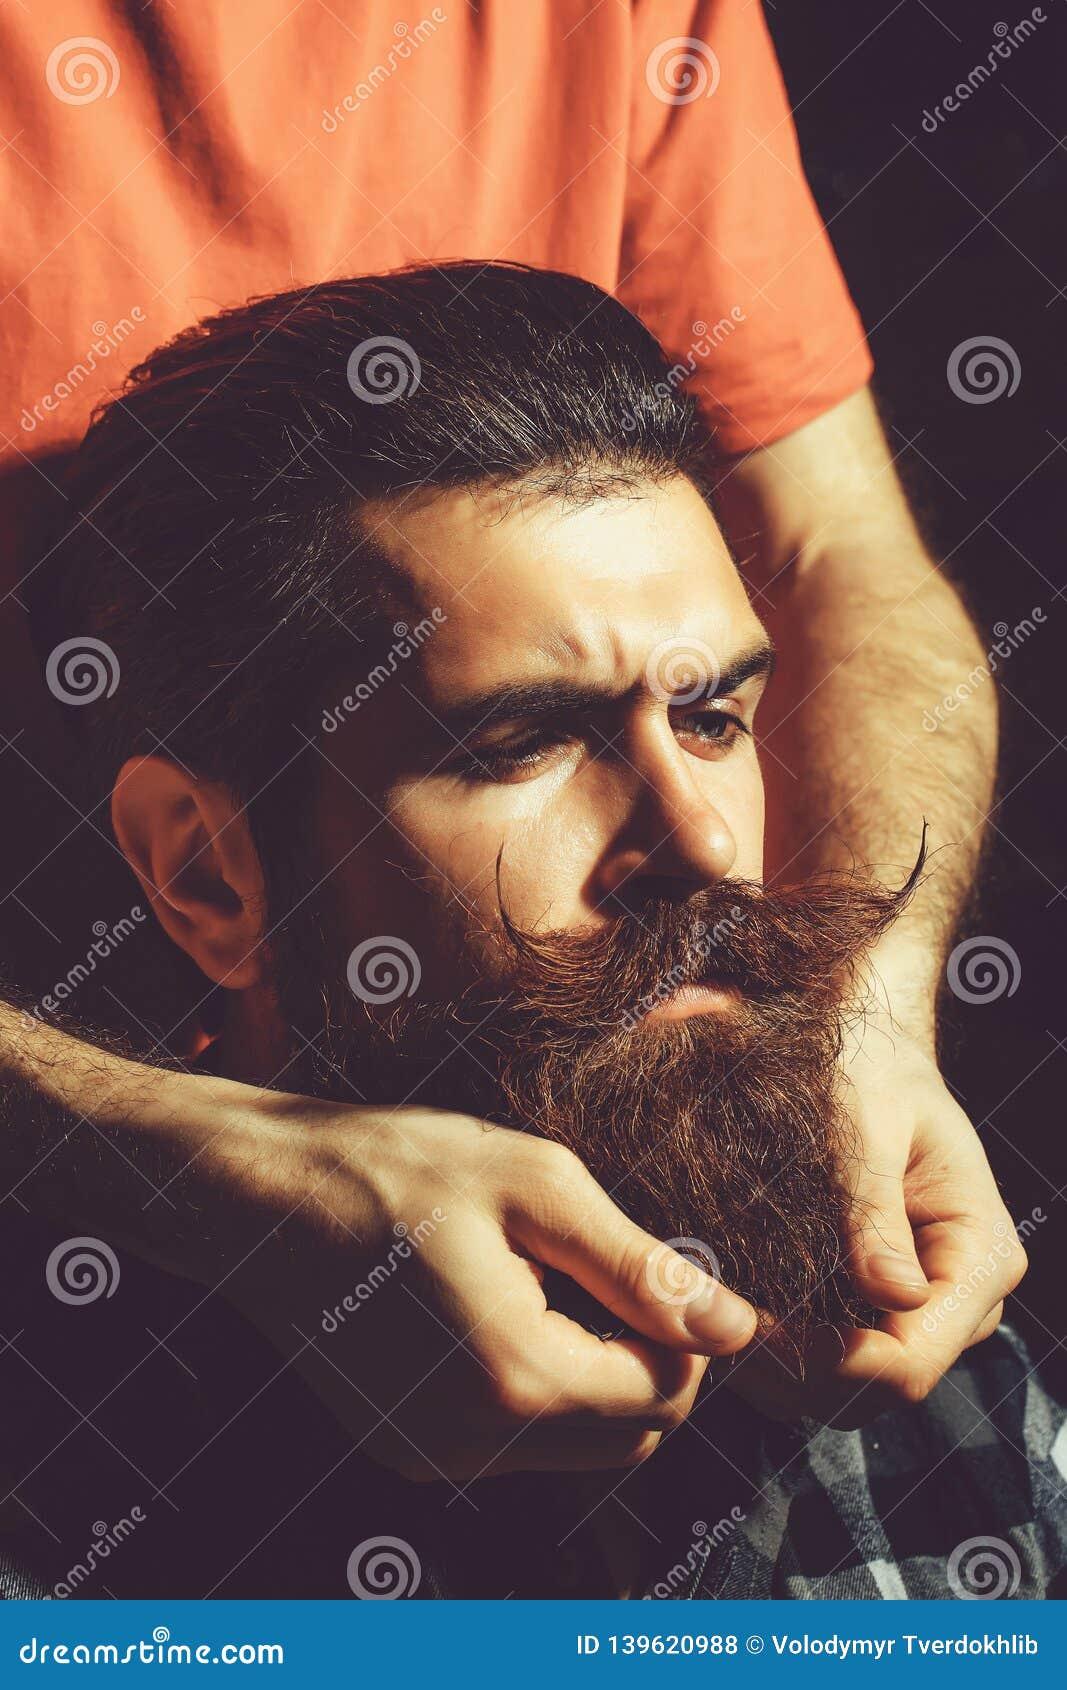 Male hands styles beard